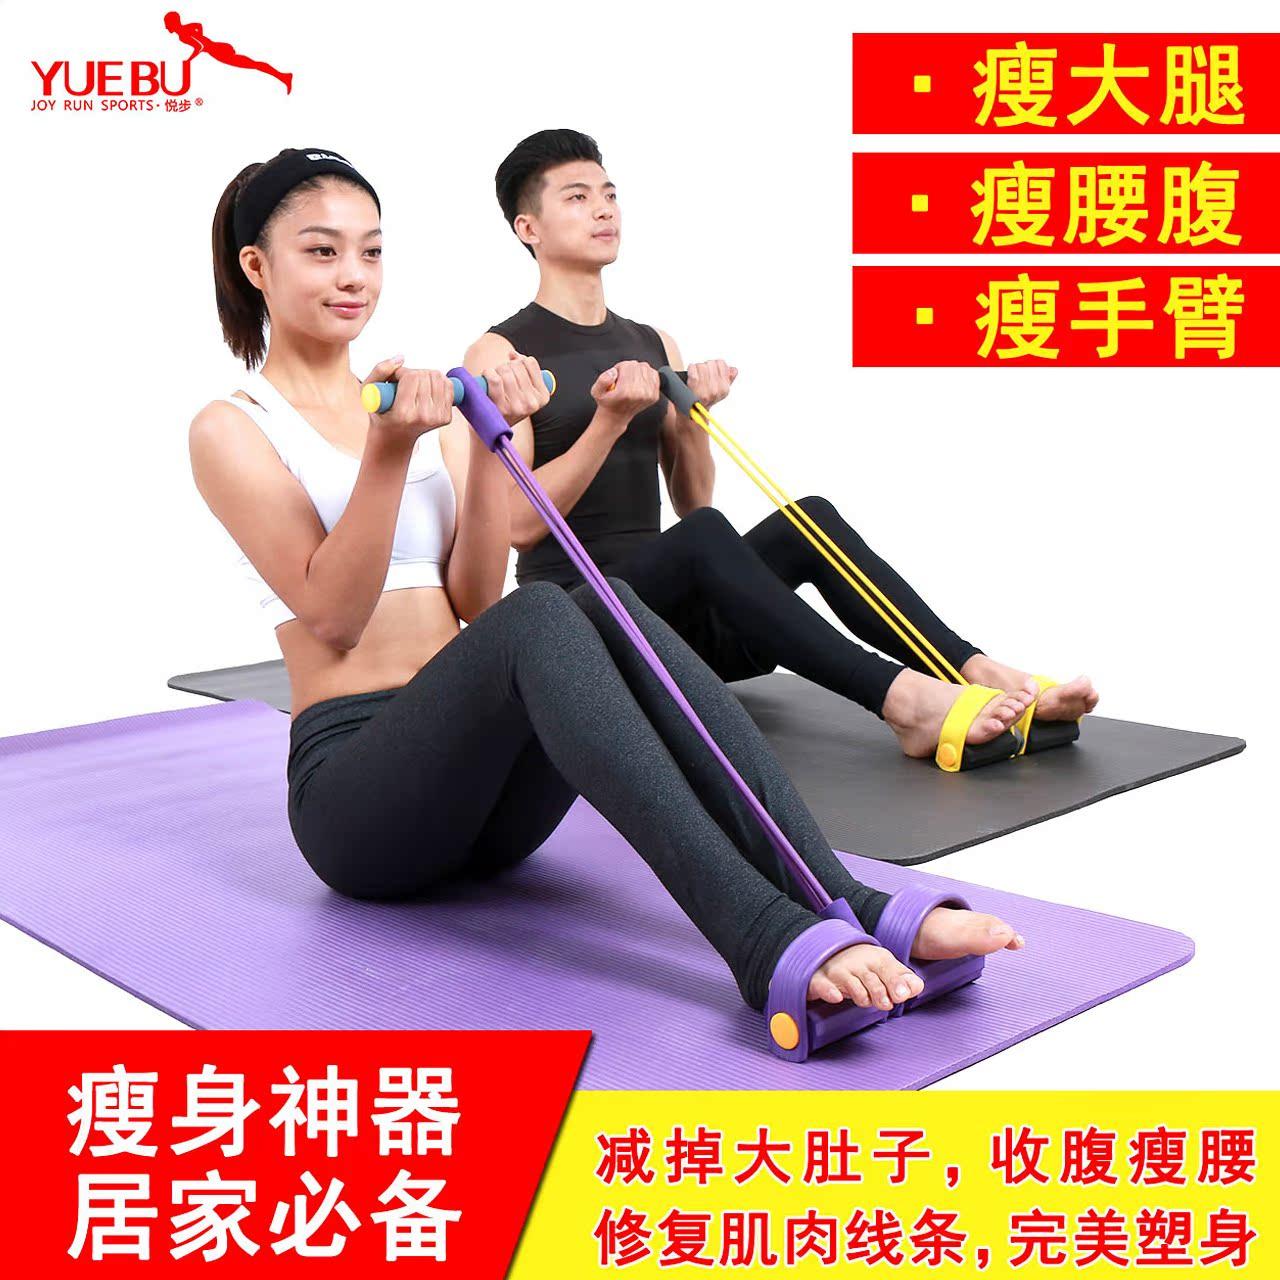 悦步仰卧起坐拉力器家用健身器材减肥减肚子瘦腰健腹脚蹬拉力器绳